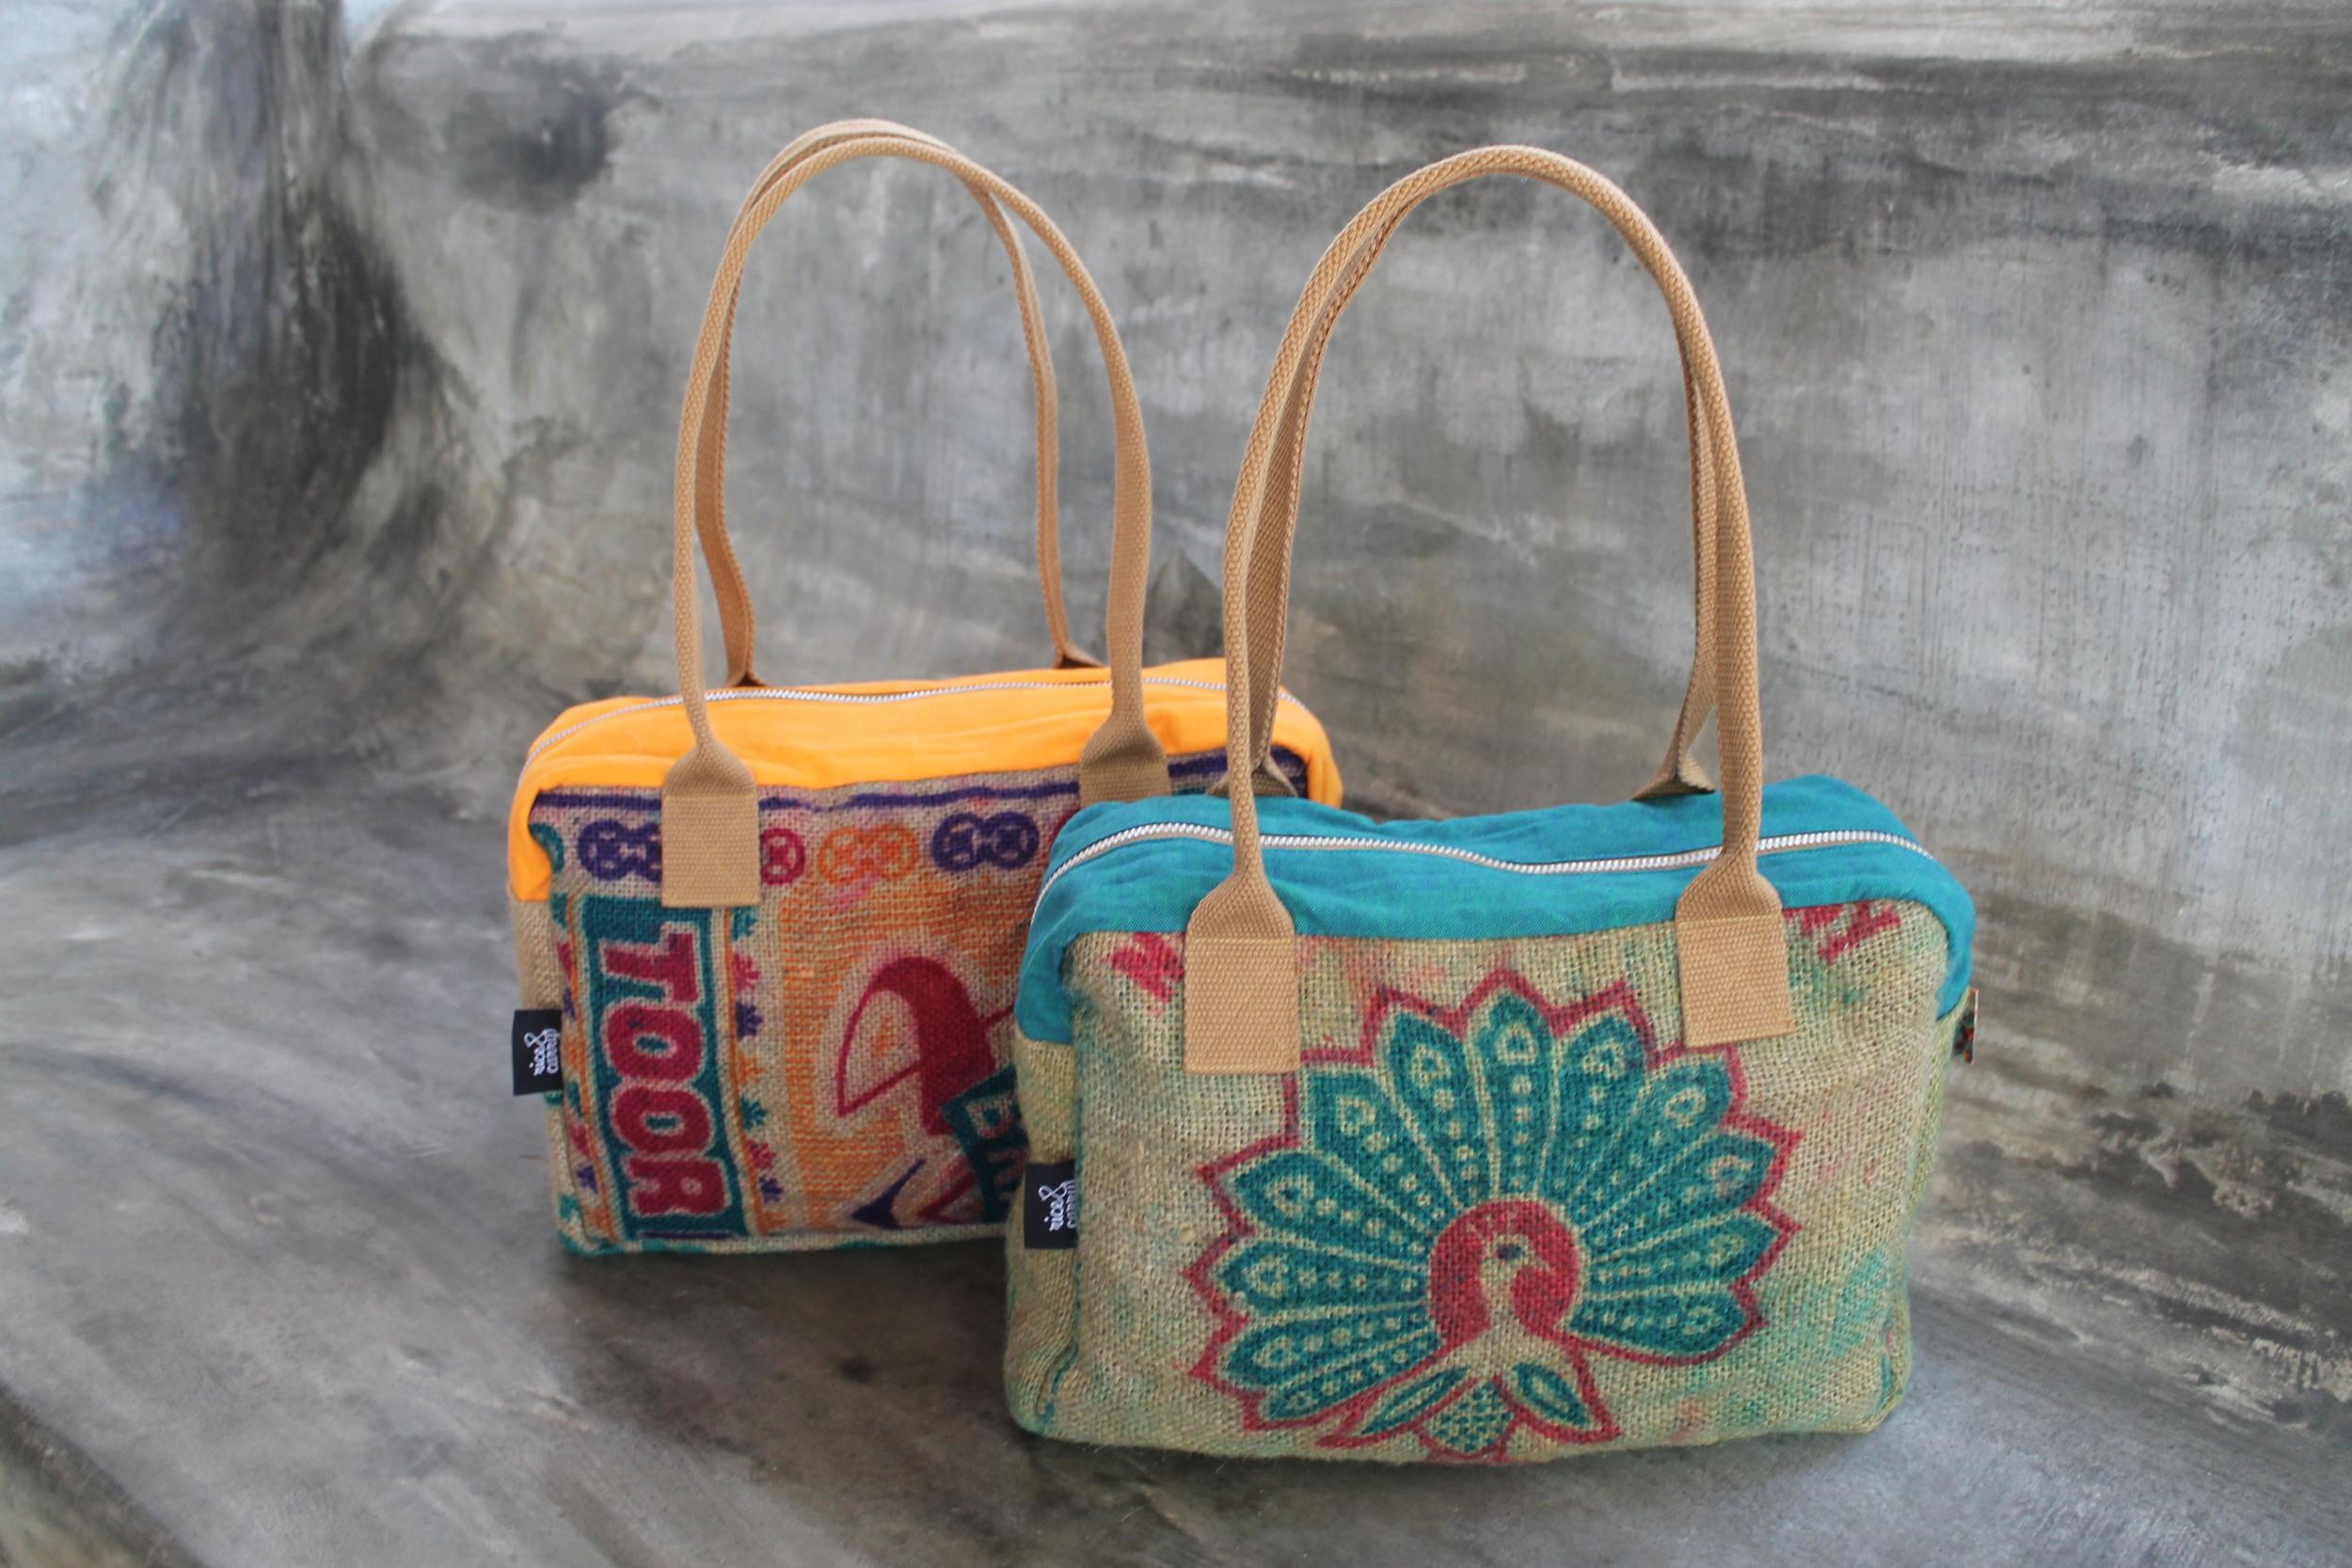 Handbag*